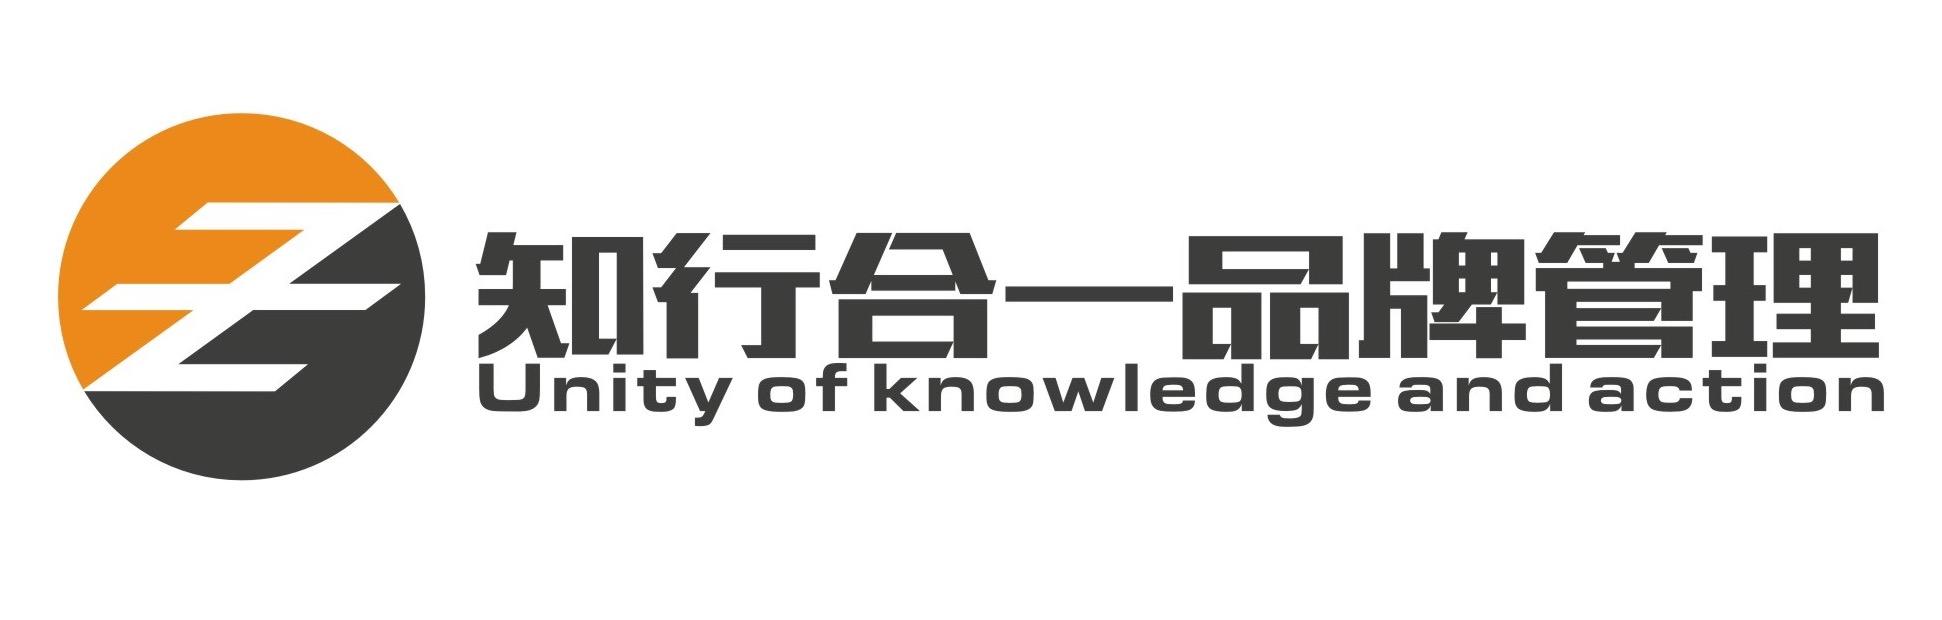 珠海知行合一品牌管理有限公司中山办事处